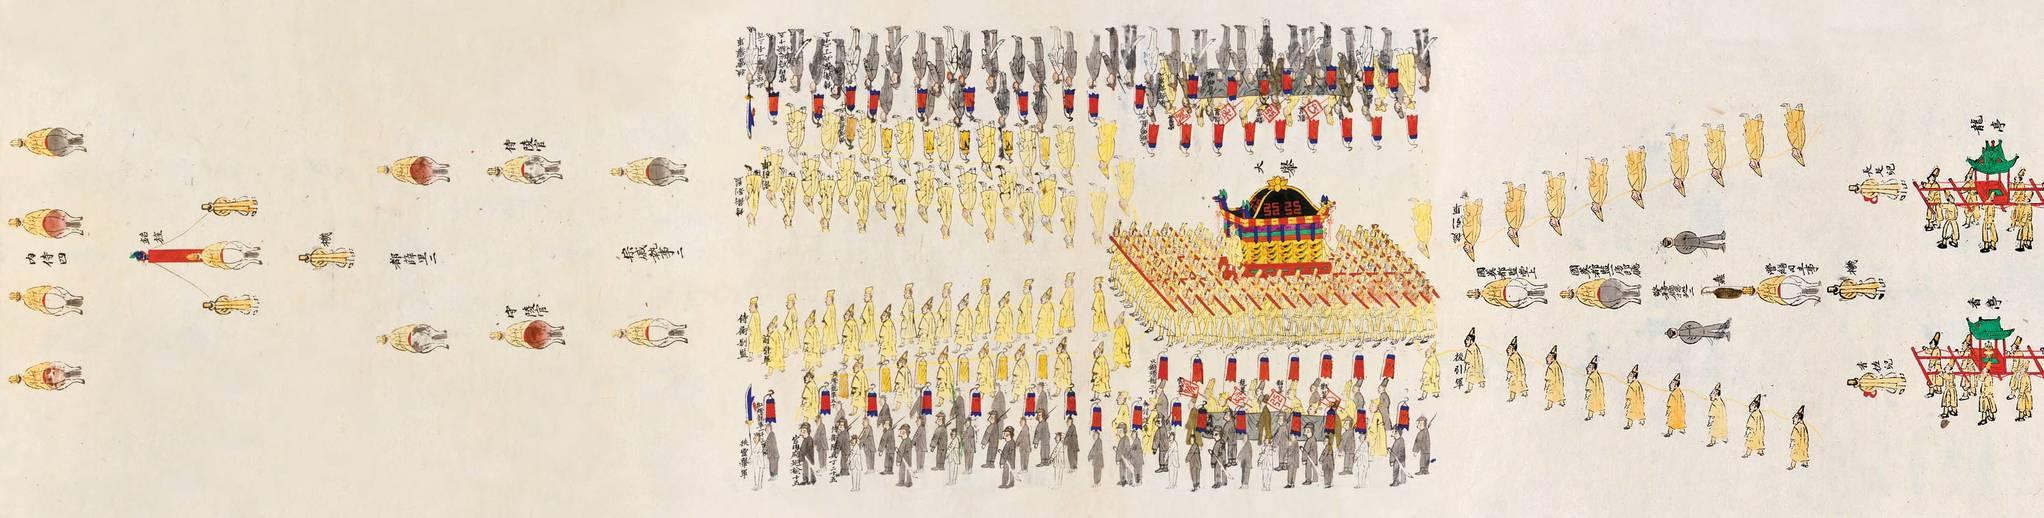 명성황후 발인 반차도. 1895년 10월 8일 을미왜변이 일어난 지 2년2개월 후인 1897년 11월 22일의 명성황후 장례식 장면이다. 상여를 메고 장지로 향하는 행렬을 묘사했다. '명성황후 국장도감 의궤'에 실려 있다. [사진 국립고궁박물관 대한제국관]